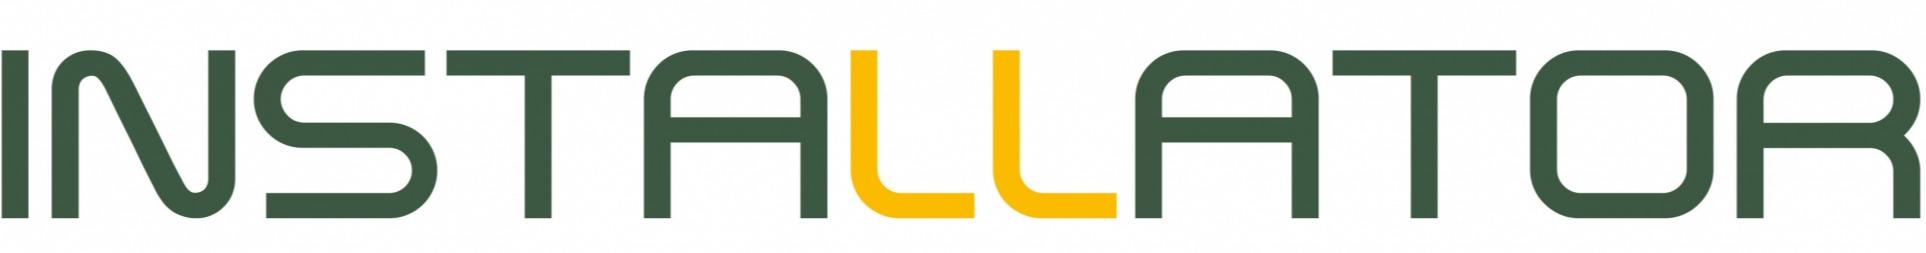 logo_final_installator